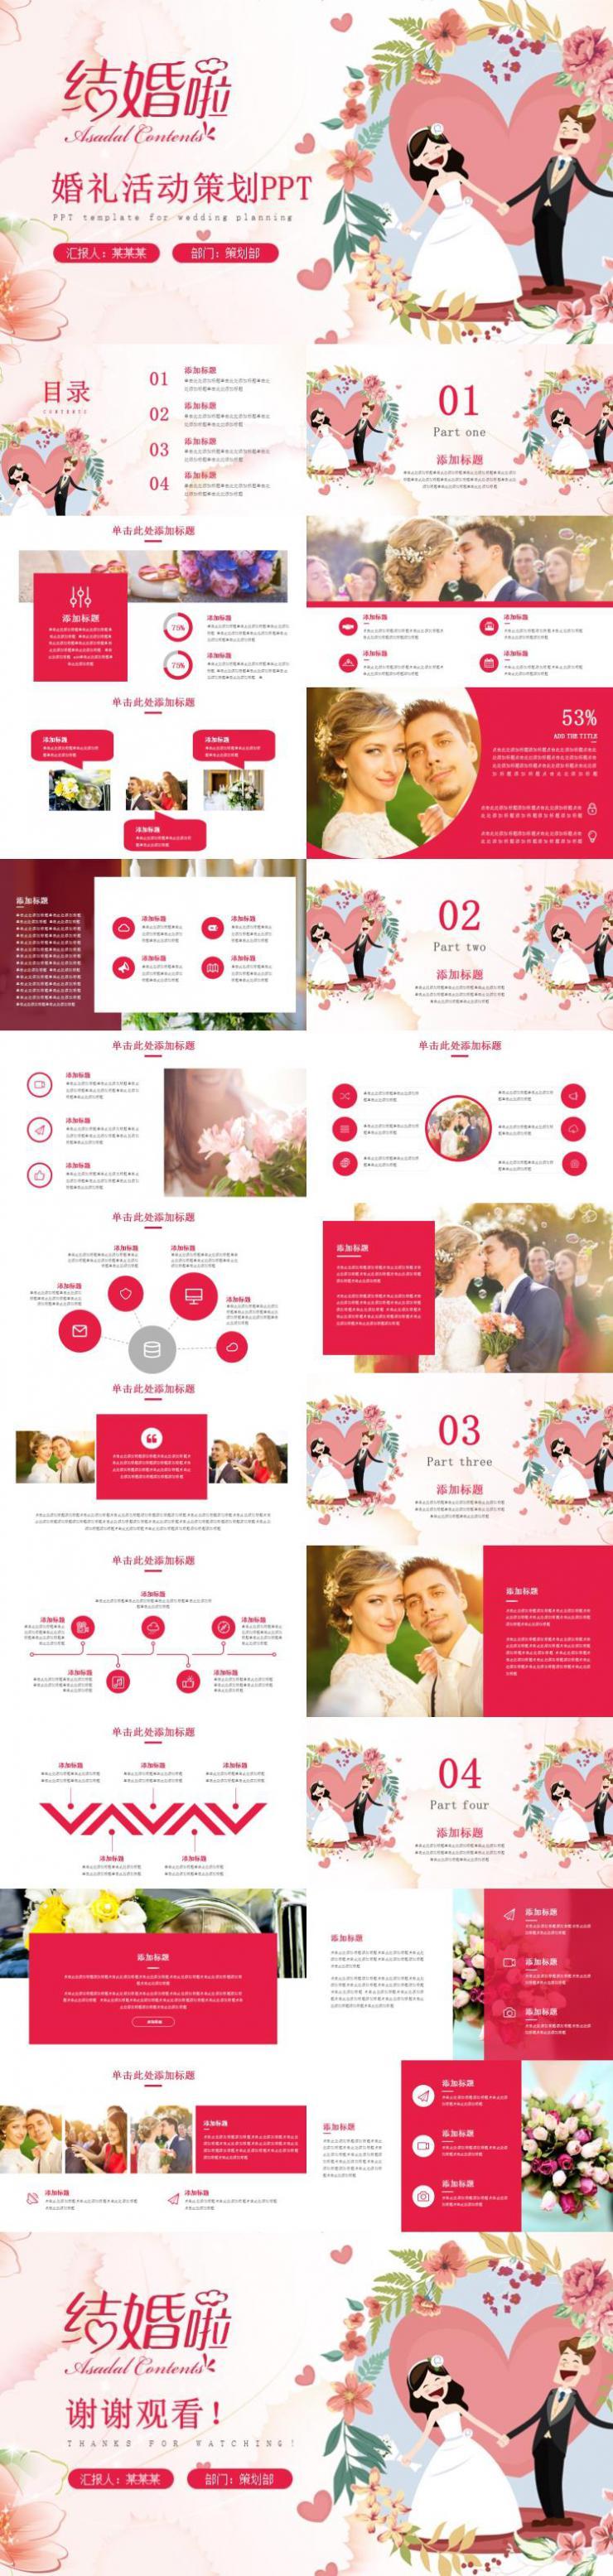 结婚啦婚礼活动策划PPT模板下载